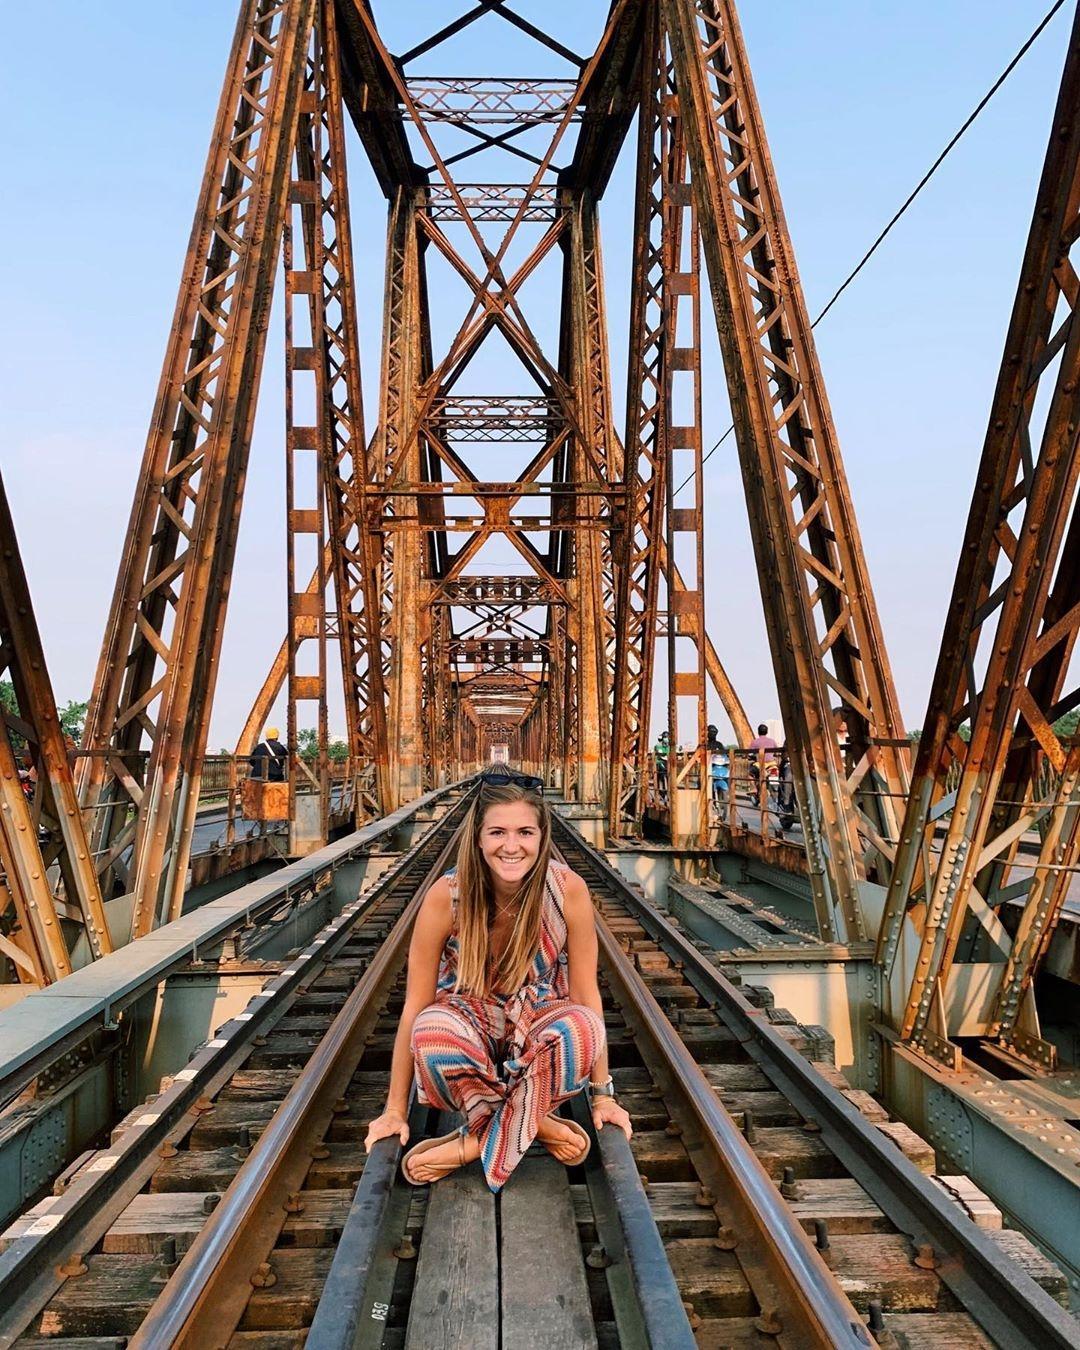 Bất chấp nguy hiểm, khách du lịch đổ xô đến cầu Long Biên chụp ảnh 'check-in' Ảnh 8